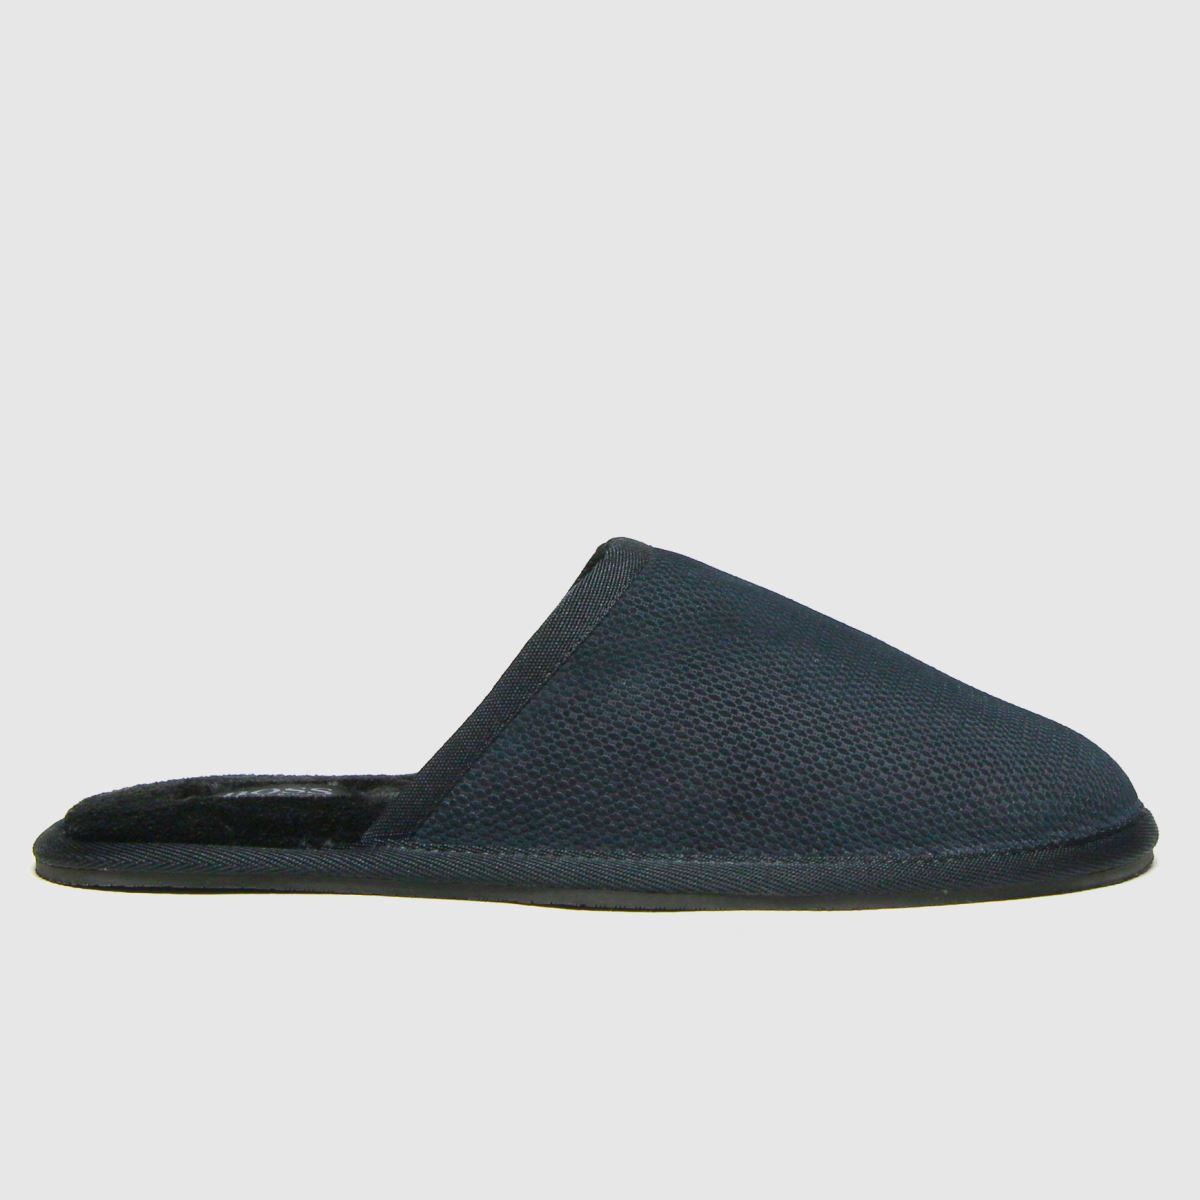 BOSS Navy Home Slipper Slippers | UK 7